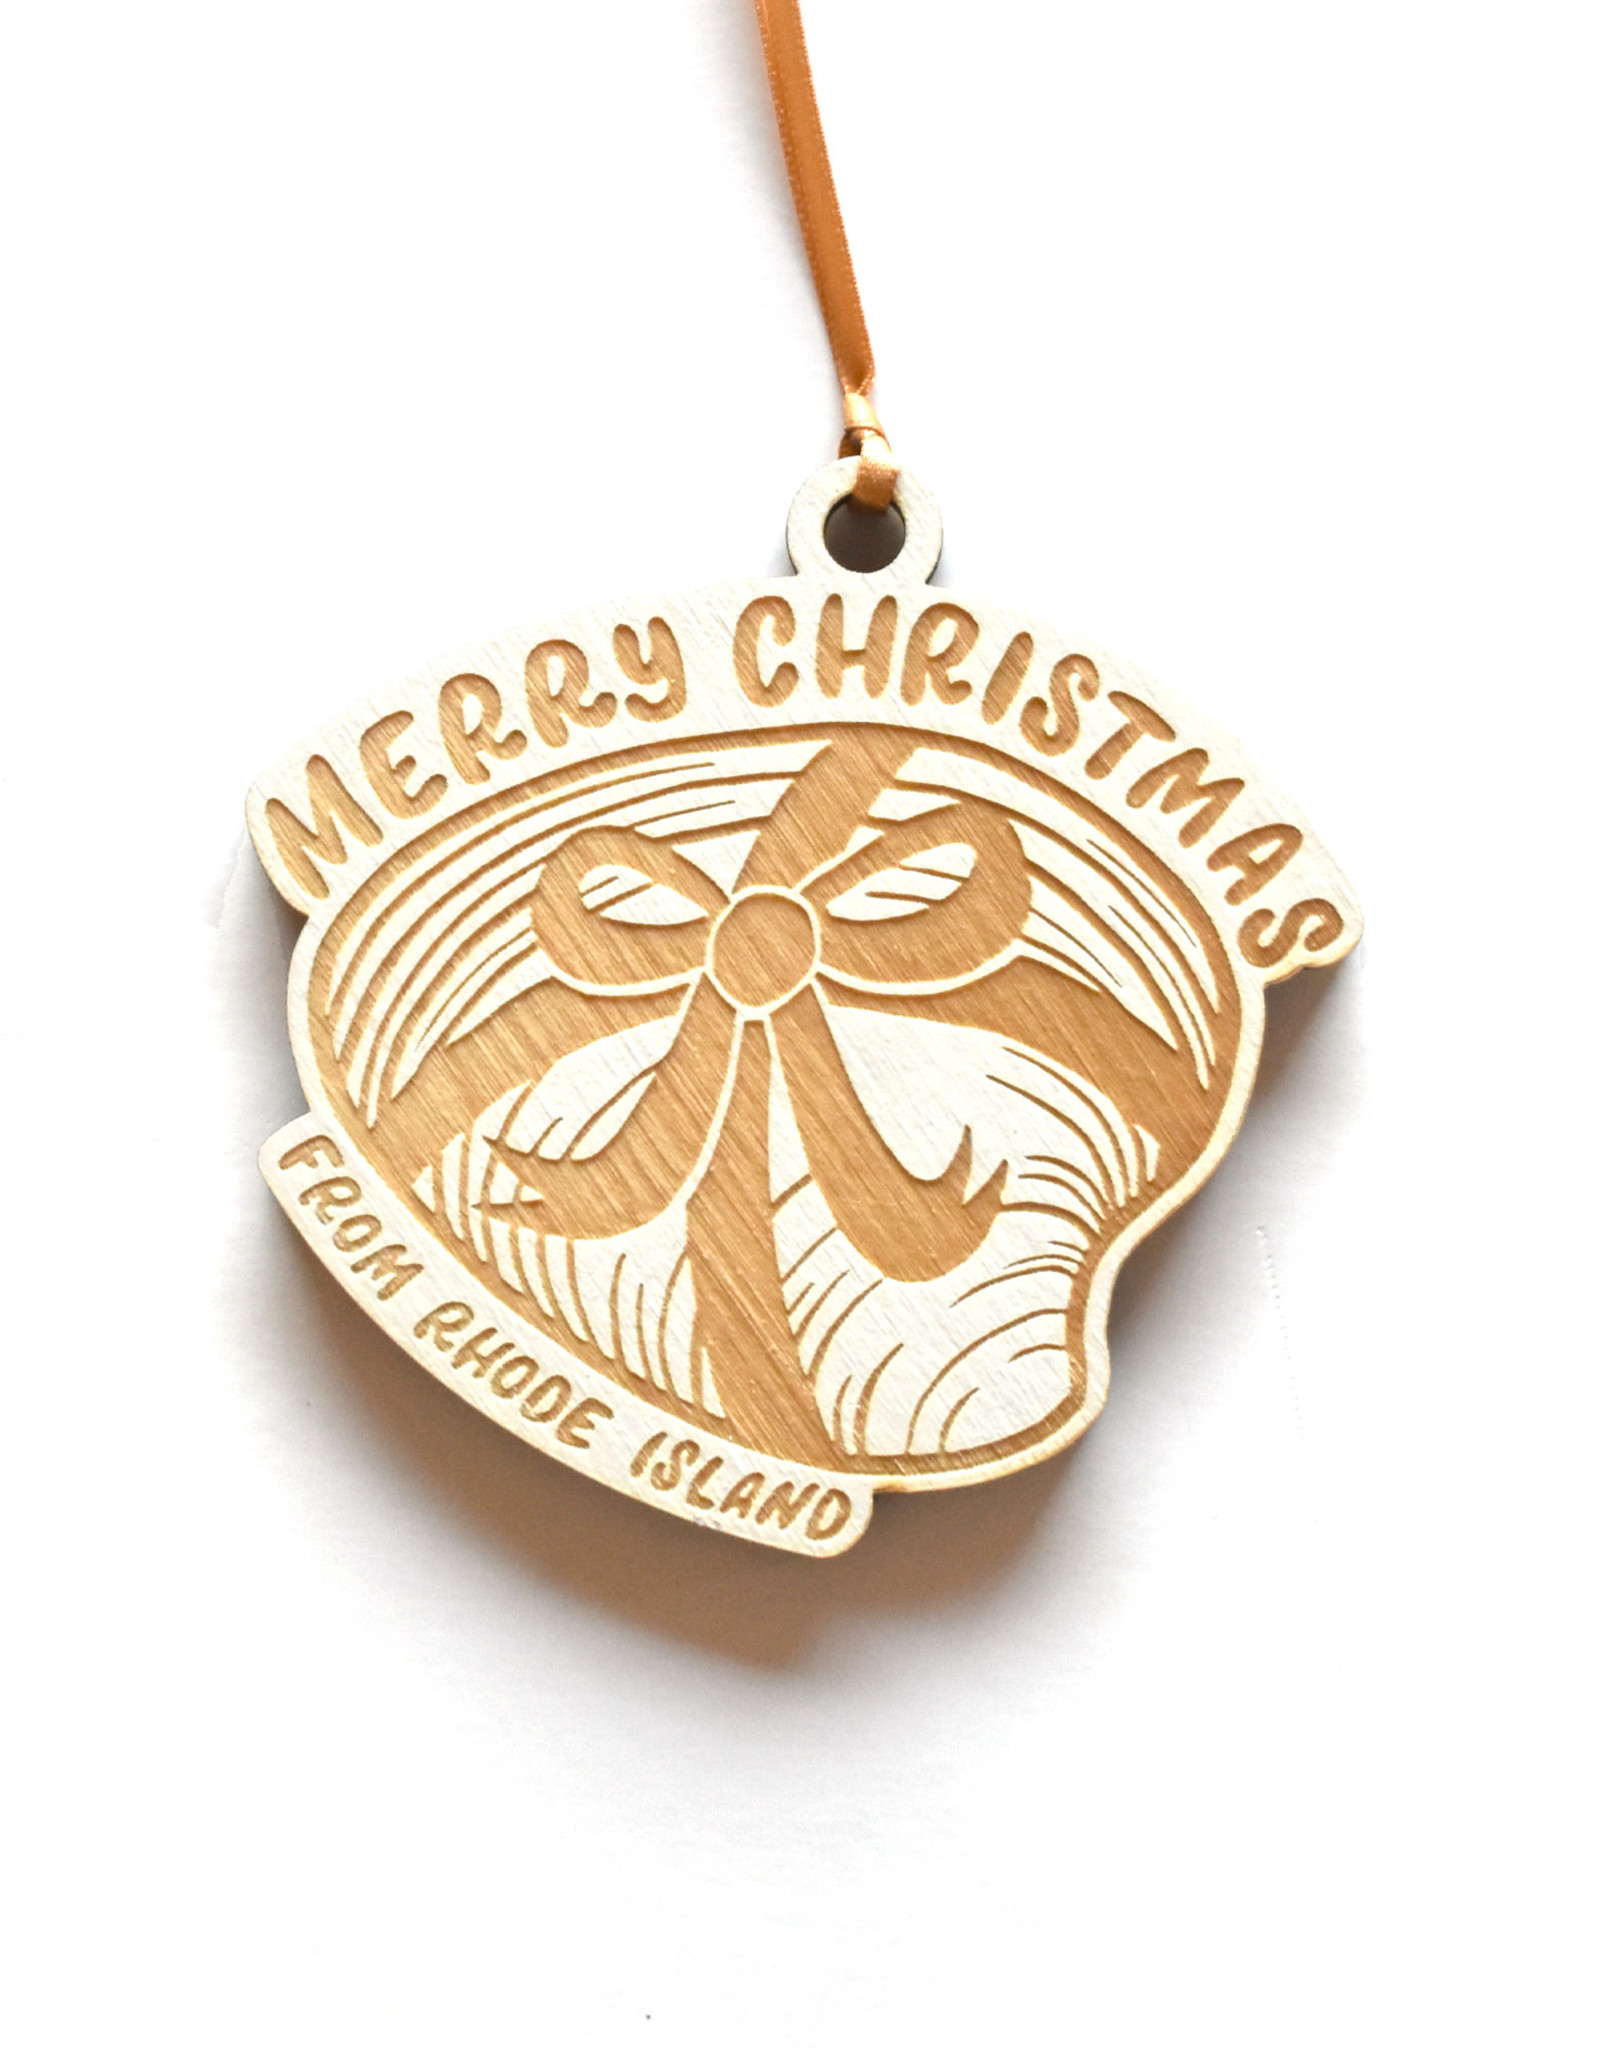 Merry Christmas Quahog Ornament